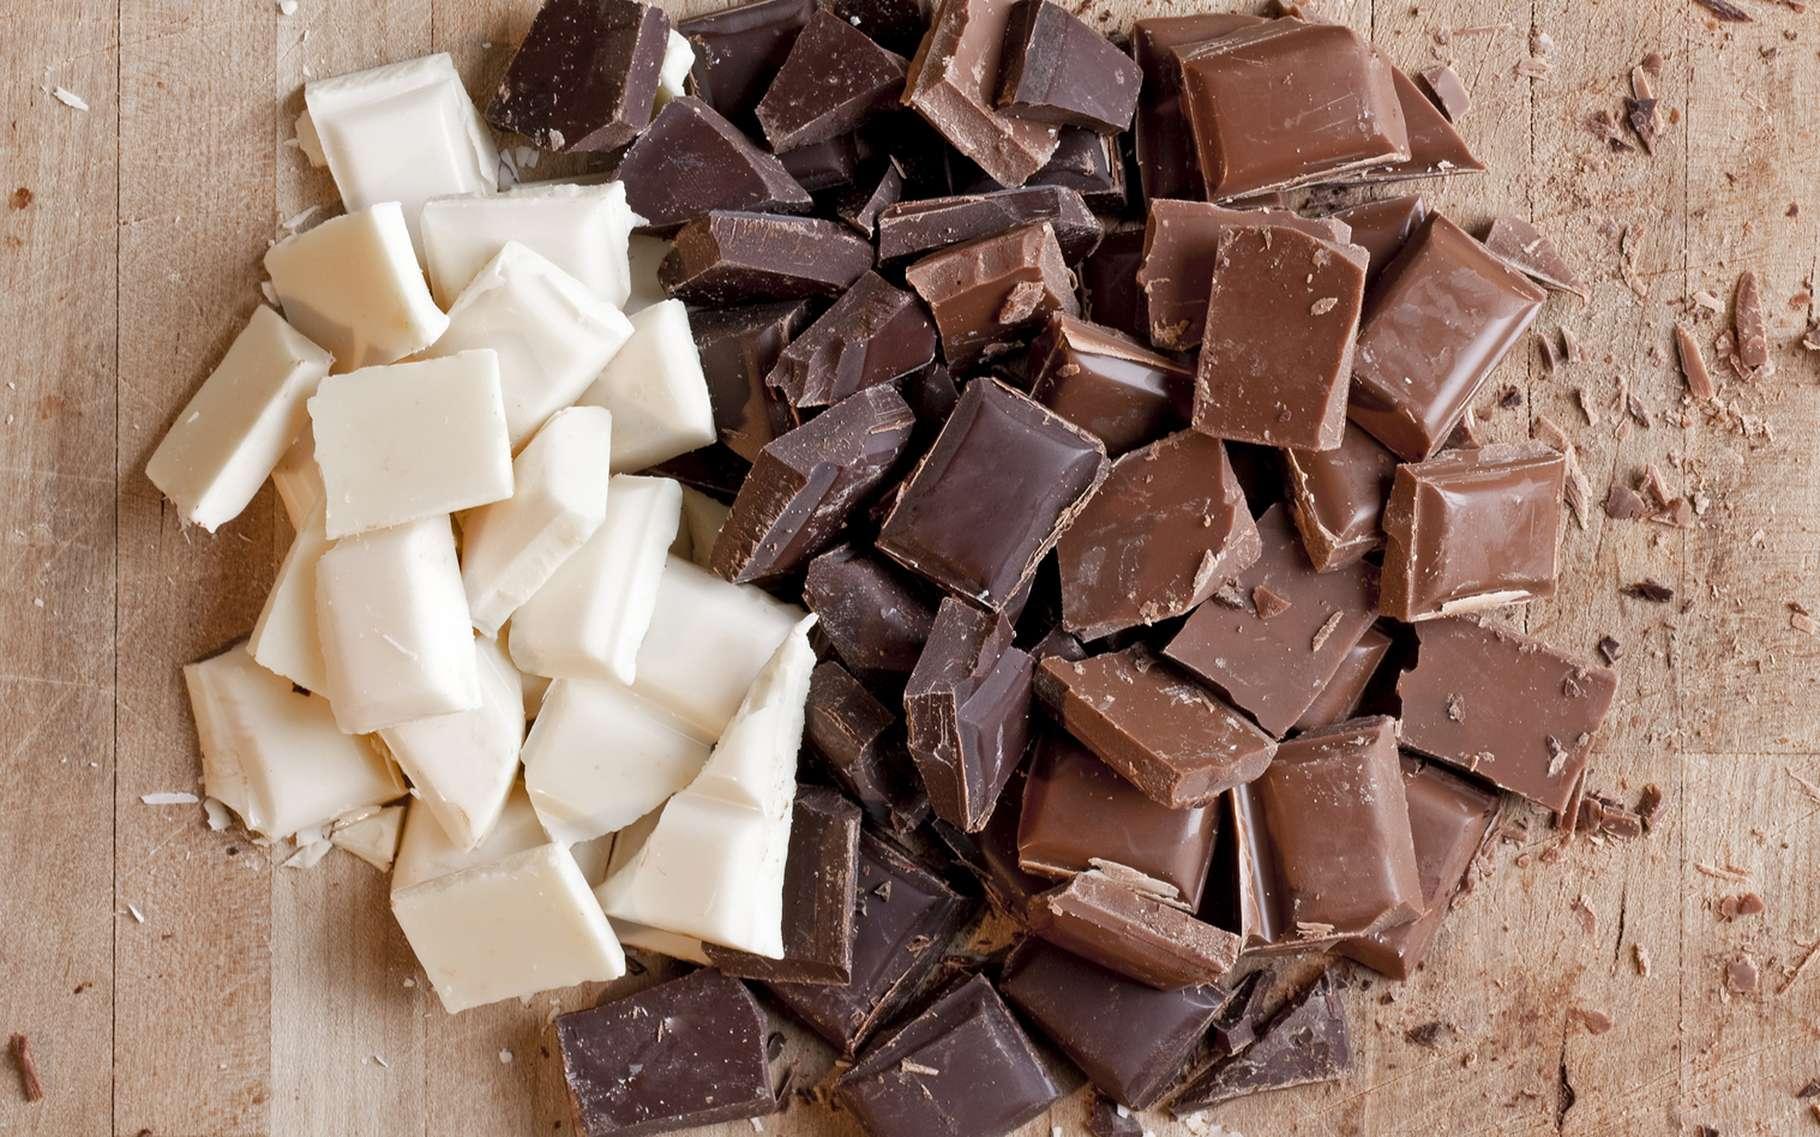 Ce qui fait la différence essentielle entre chocolat noir, au lait et blanc, c'est la teneur en cacao. © J. Helgason, Shutterstock